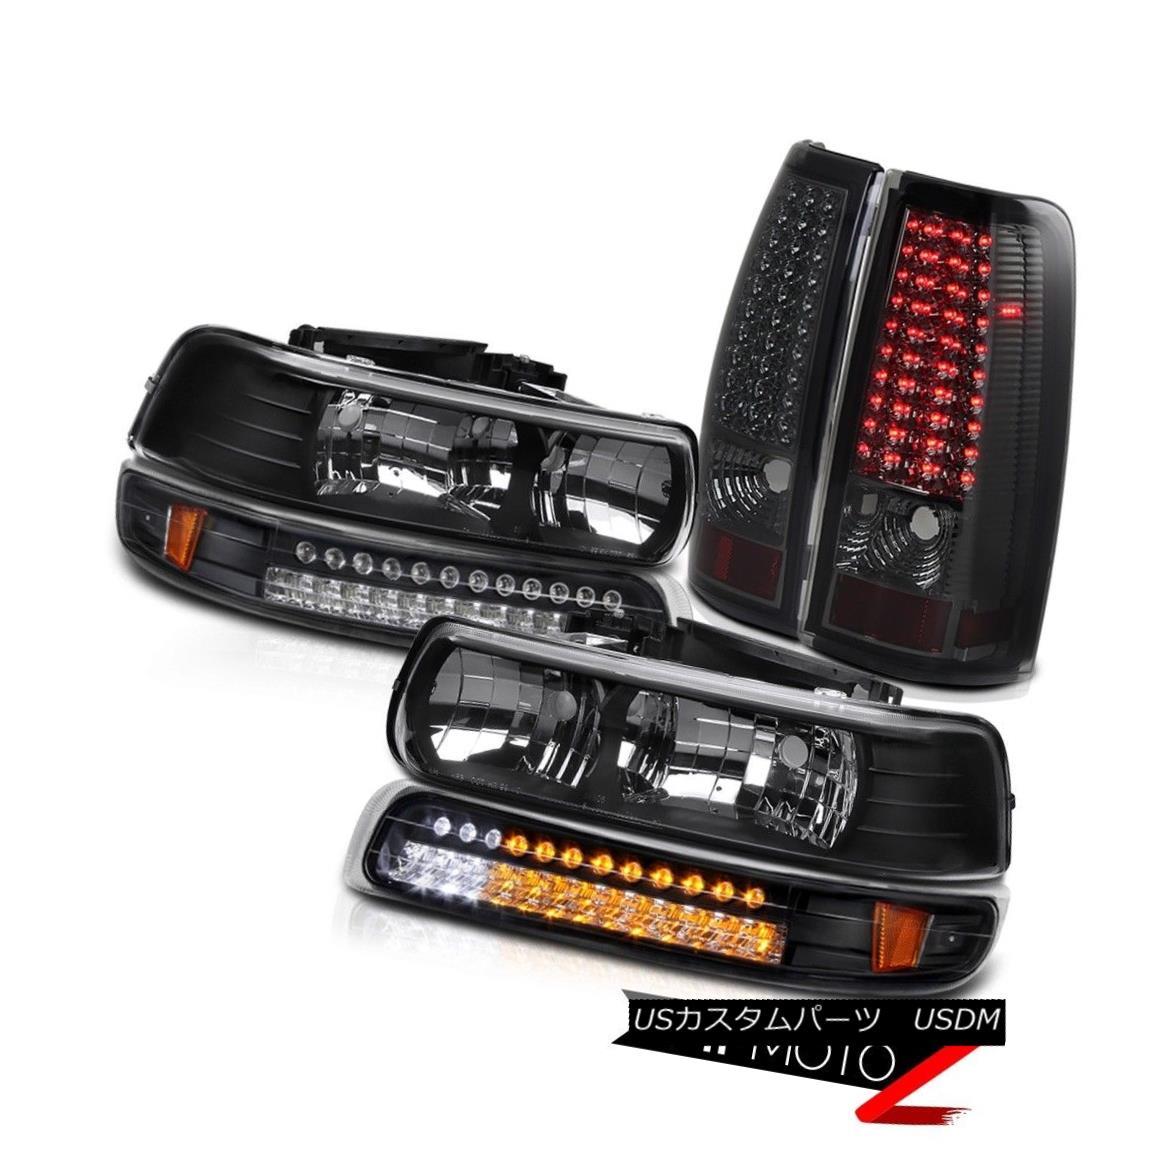 ヘッドライト GMT800 99-02 Silverado 1500/2500 {LED PARKING+SIGNAL} Headlight Tail Light Smoke GMT800 99-02 Silverado 1500/2500 {LEDパーク+信号 }ヘッドライトテールライトスモーク